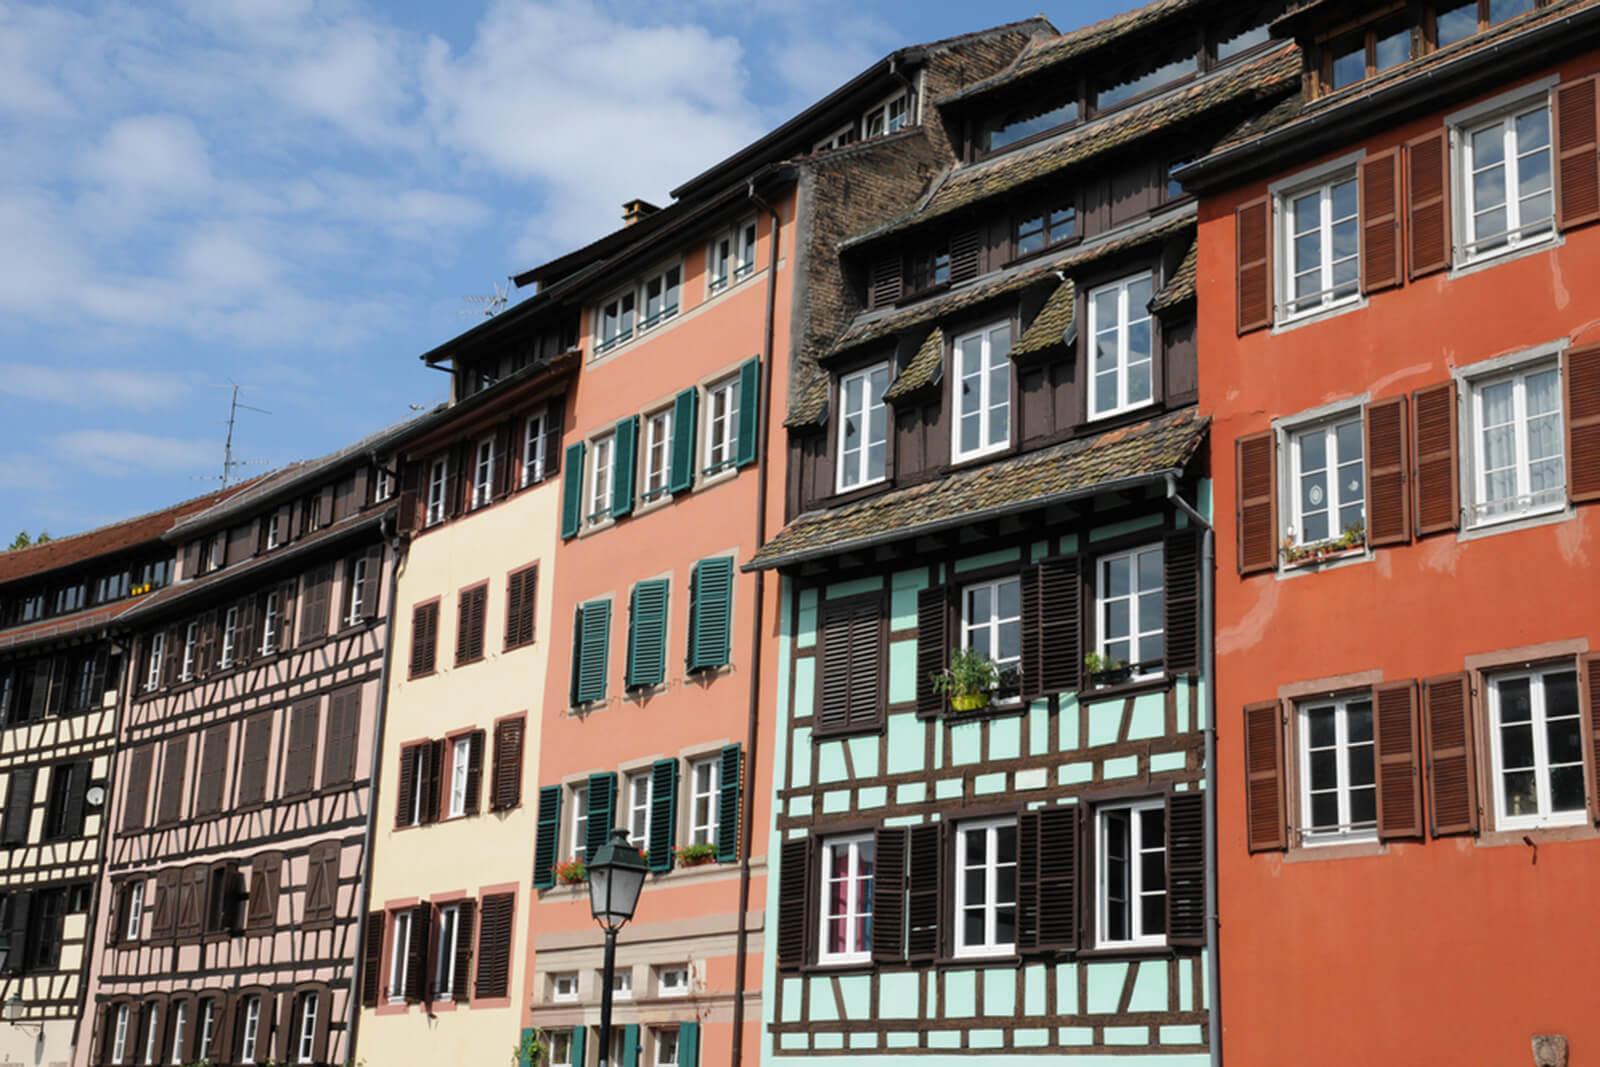 2 lựa chọn phổ biến về nơi ở cho du học sinh tại Pháp